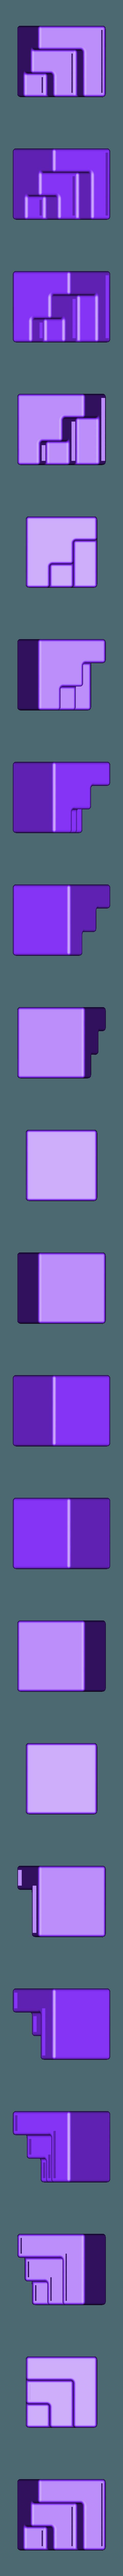 SketchUpRed.stl Télécharger fichier STL gratuit Logo SketchUp multicolore • Design à imprimer en 3D, MosaicManufacturing